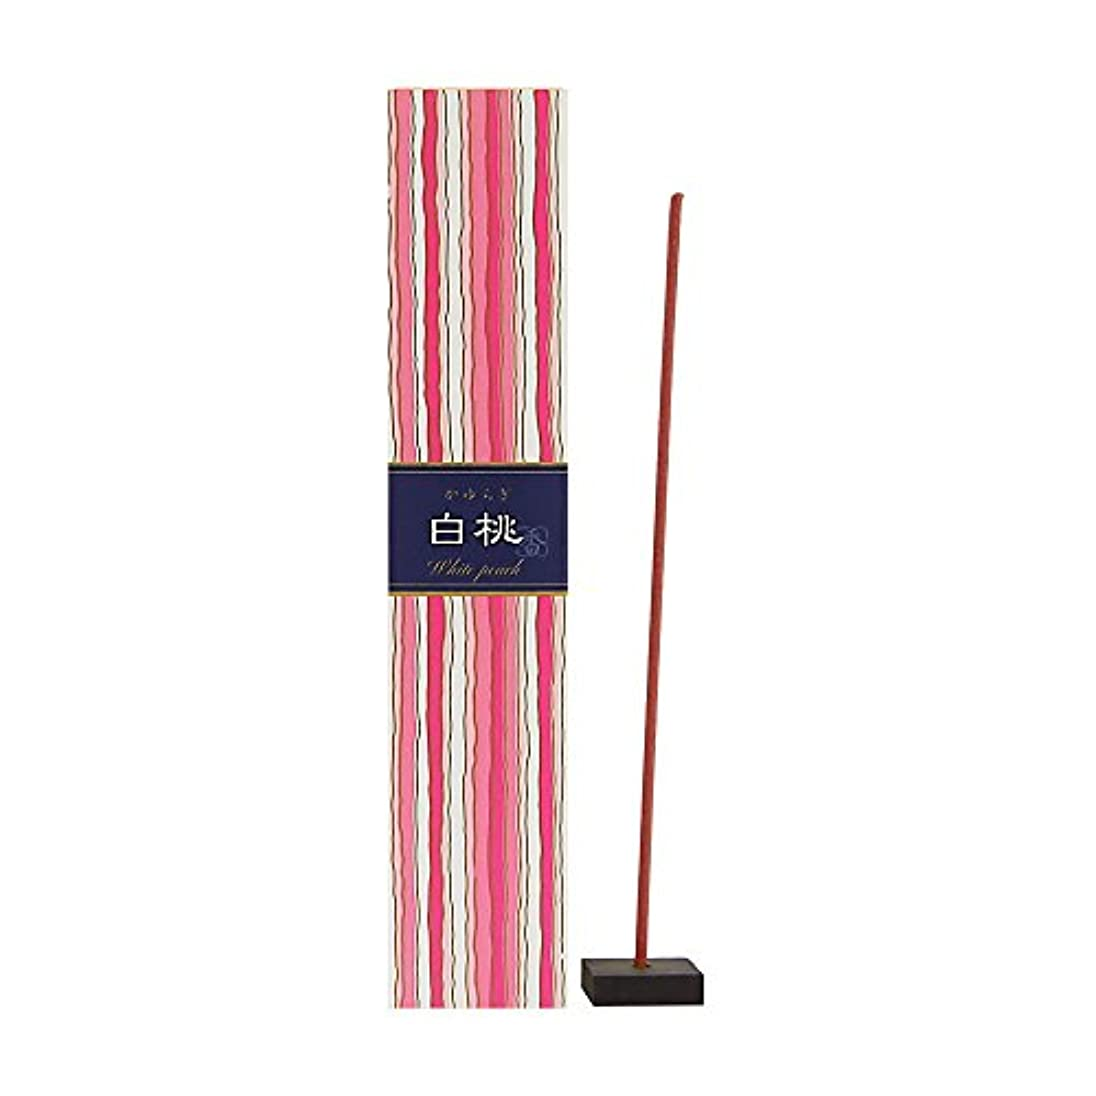 Nippon Kodo – Kayuragi – ホワイトピーチ40 Sticks